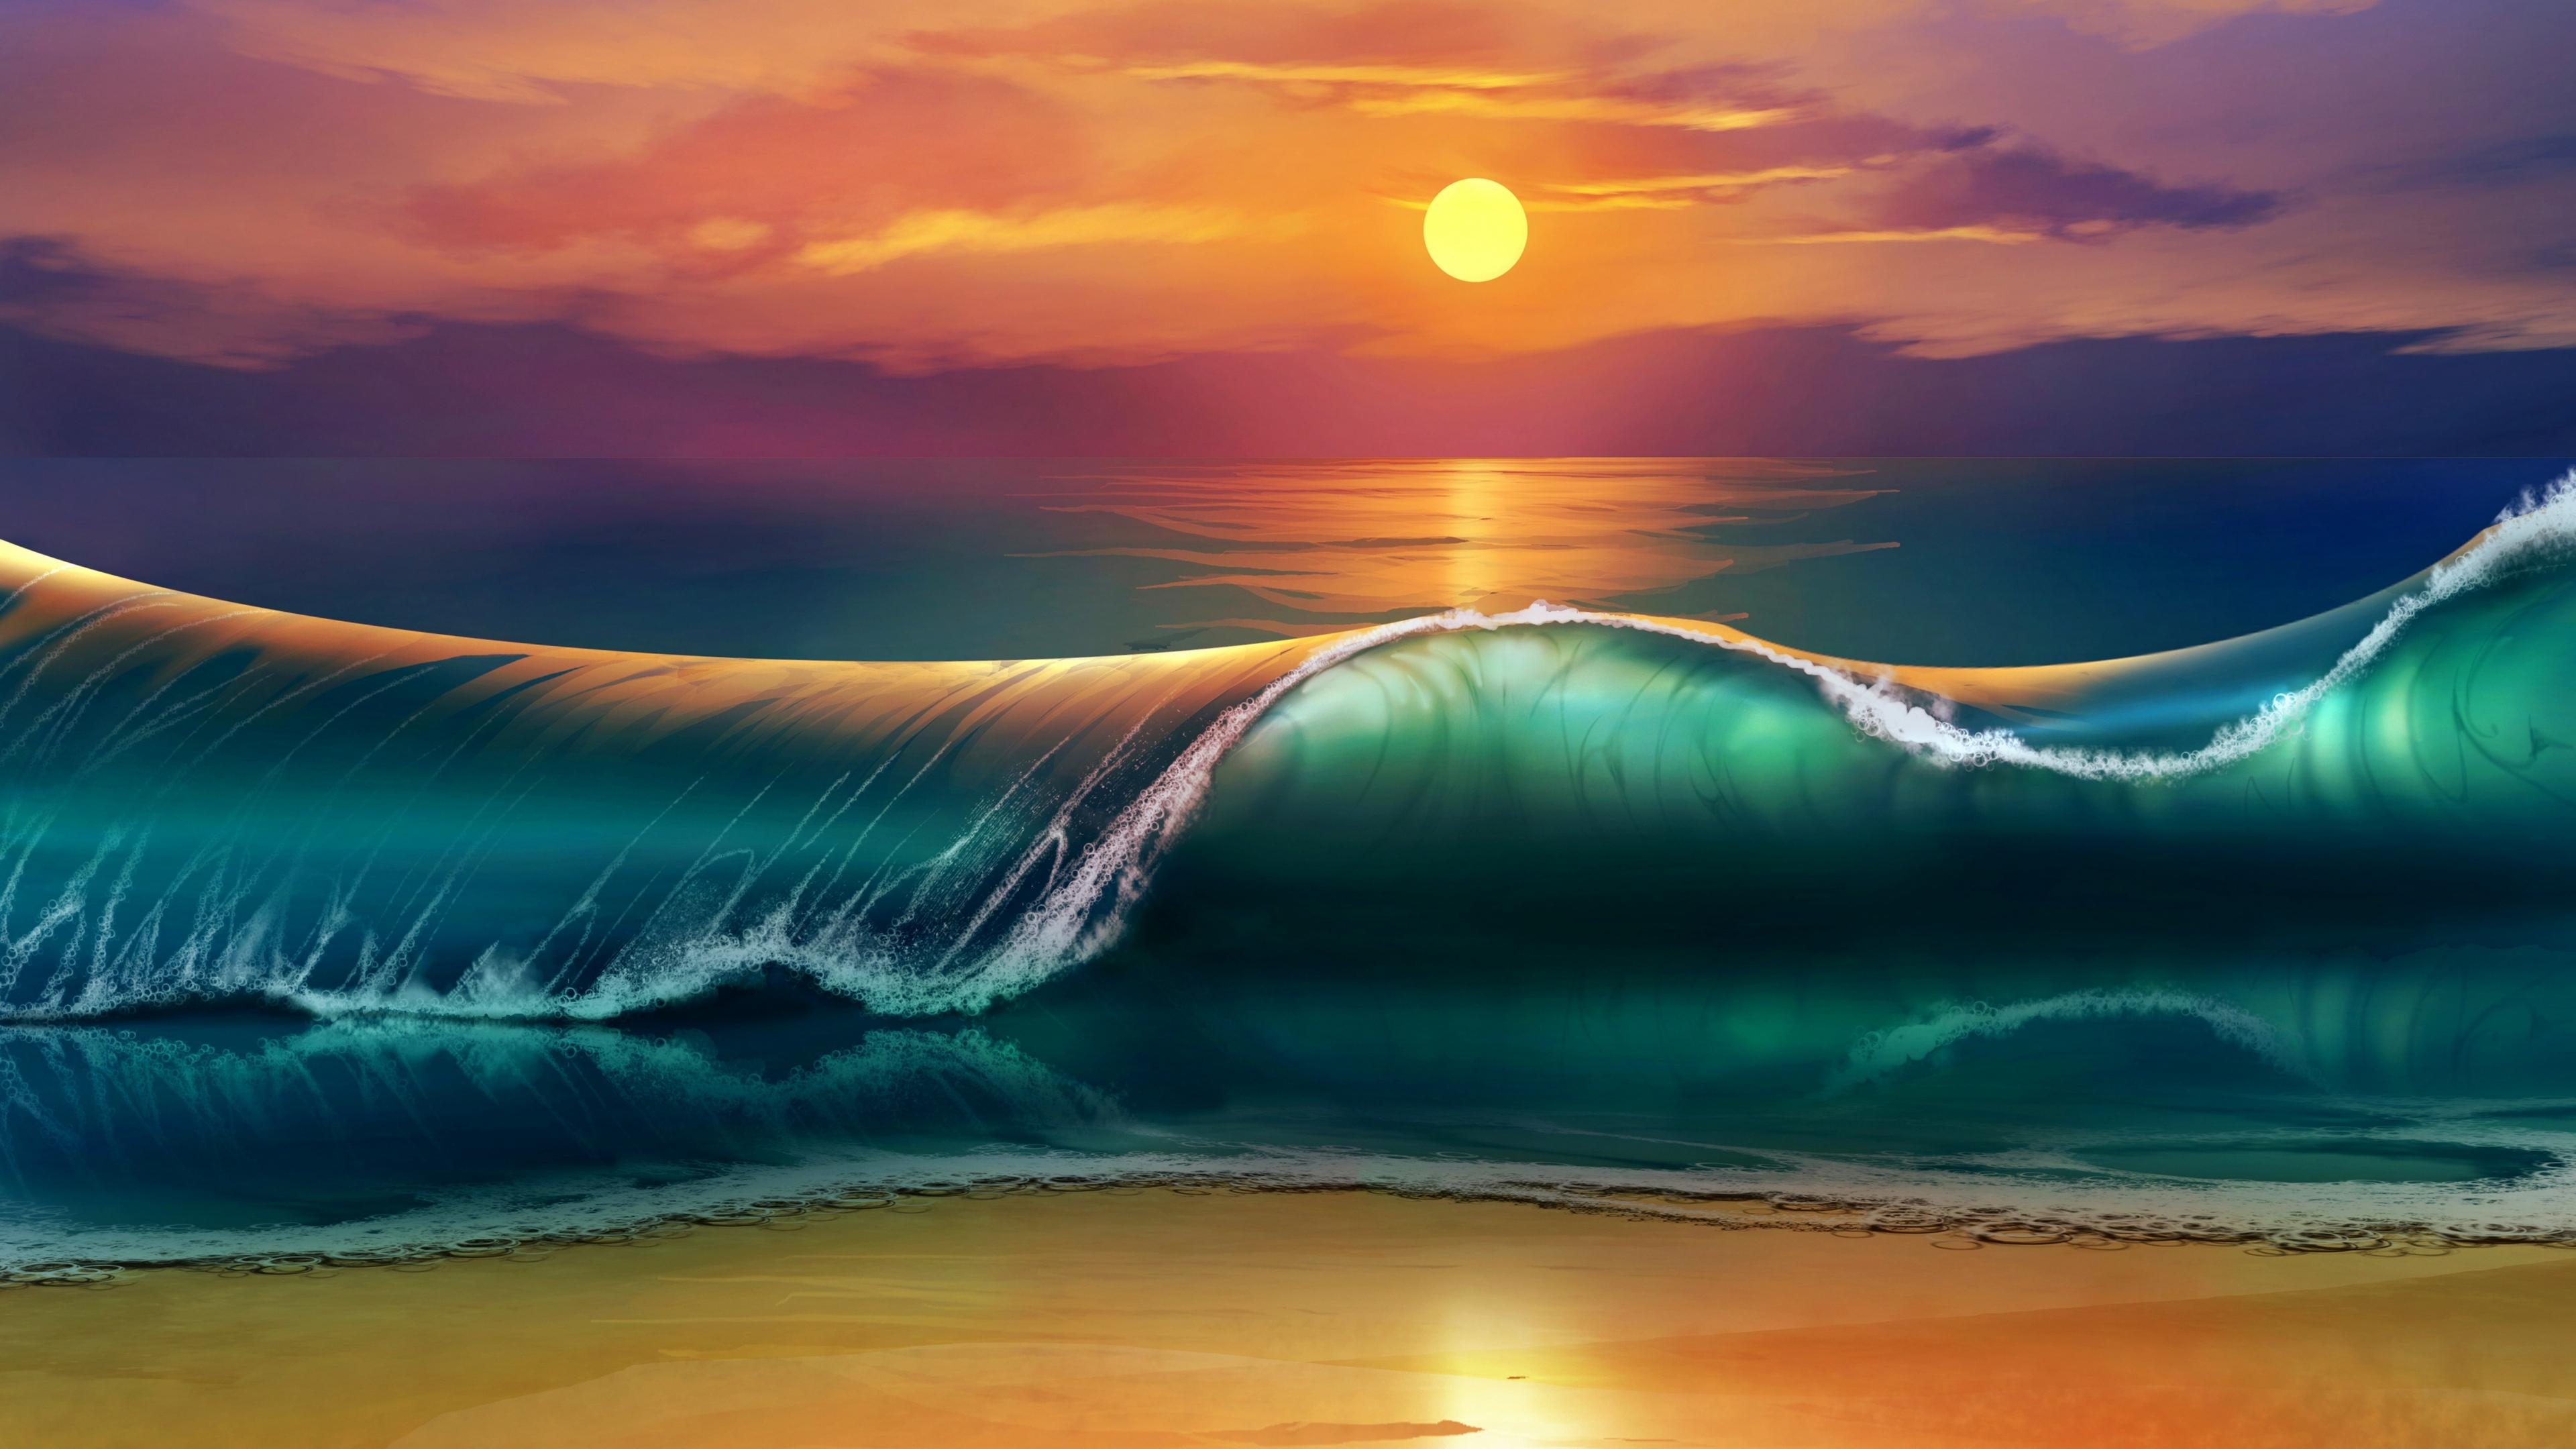 Wallpaper 3840x2160 art sunset beach sea waves 4K Ultra HD HD 3840x2160